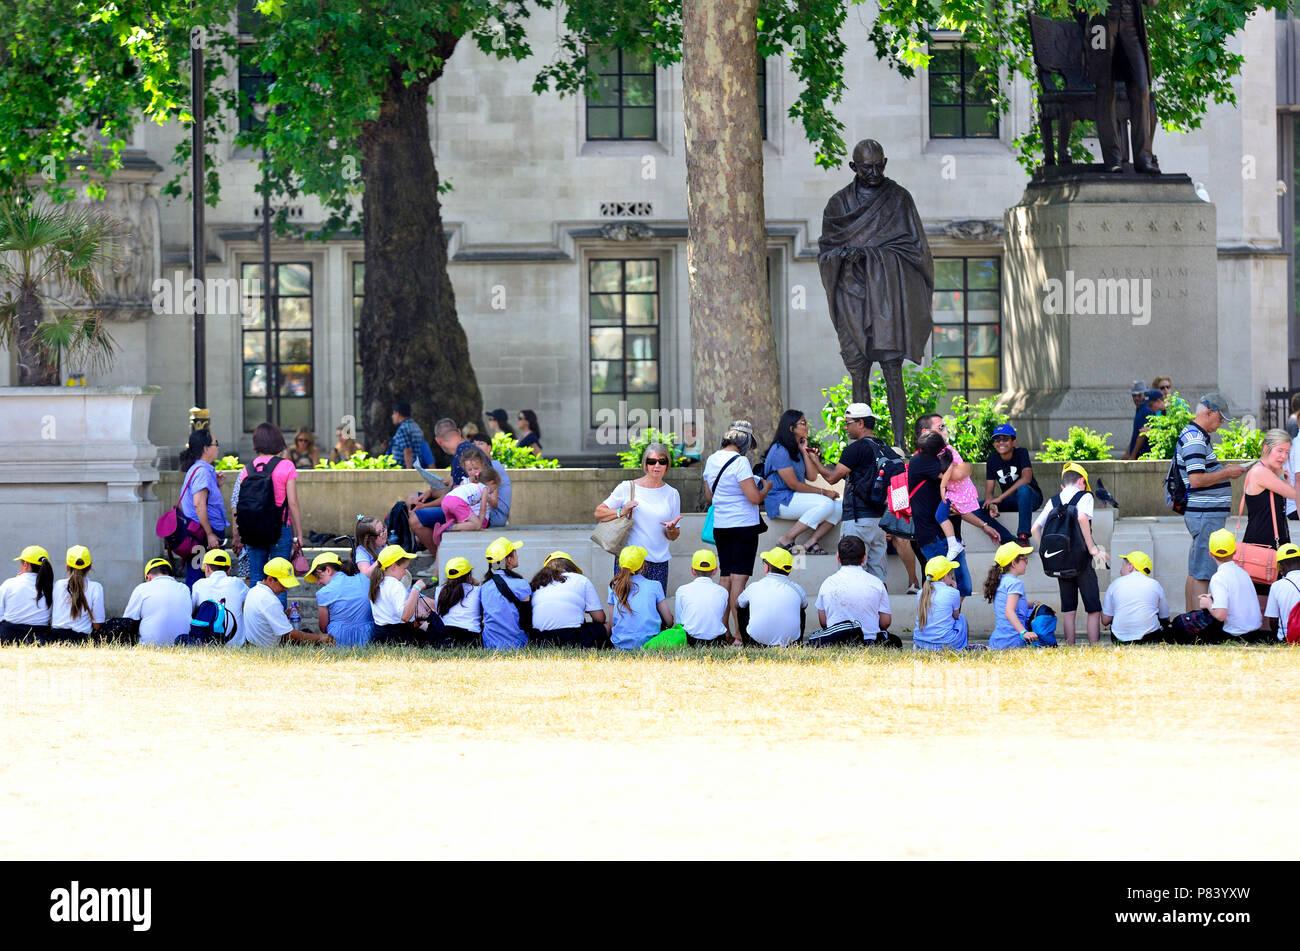 Los escolares de primaria en una excursión escolar en la Plaza del Parlamento, durante un período de tiempo, caliente y seco. Londres, Inglaterra, Reino Unido. Imagen De Stock